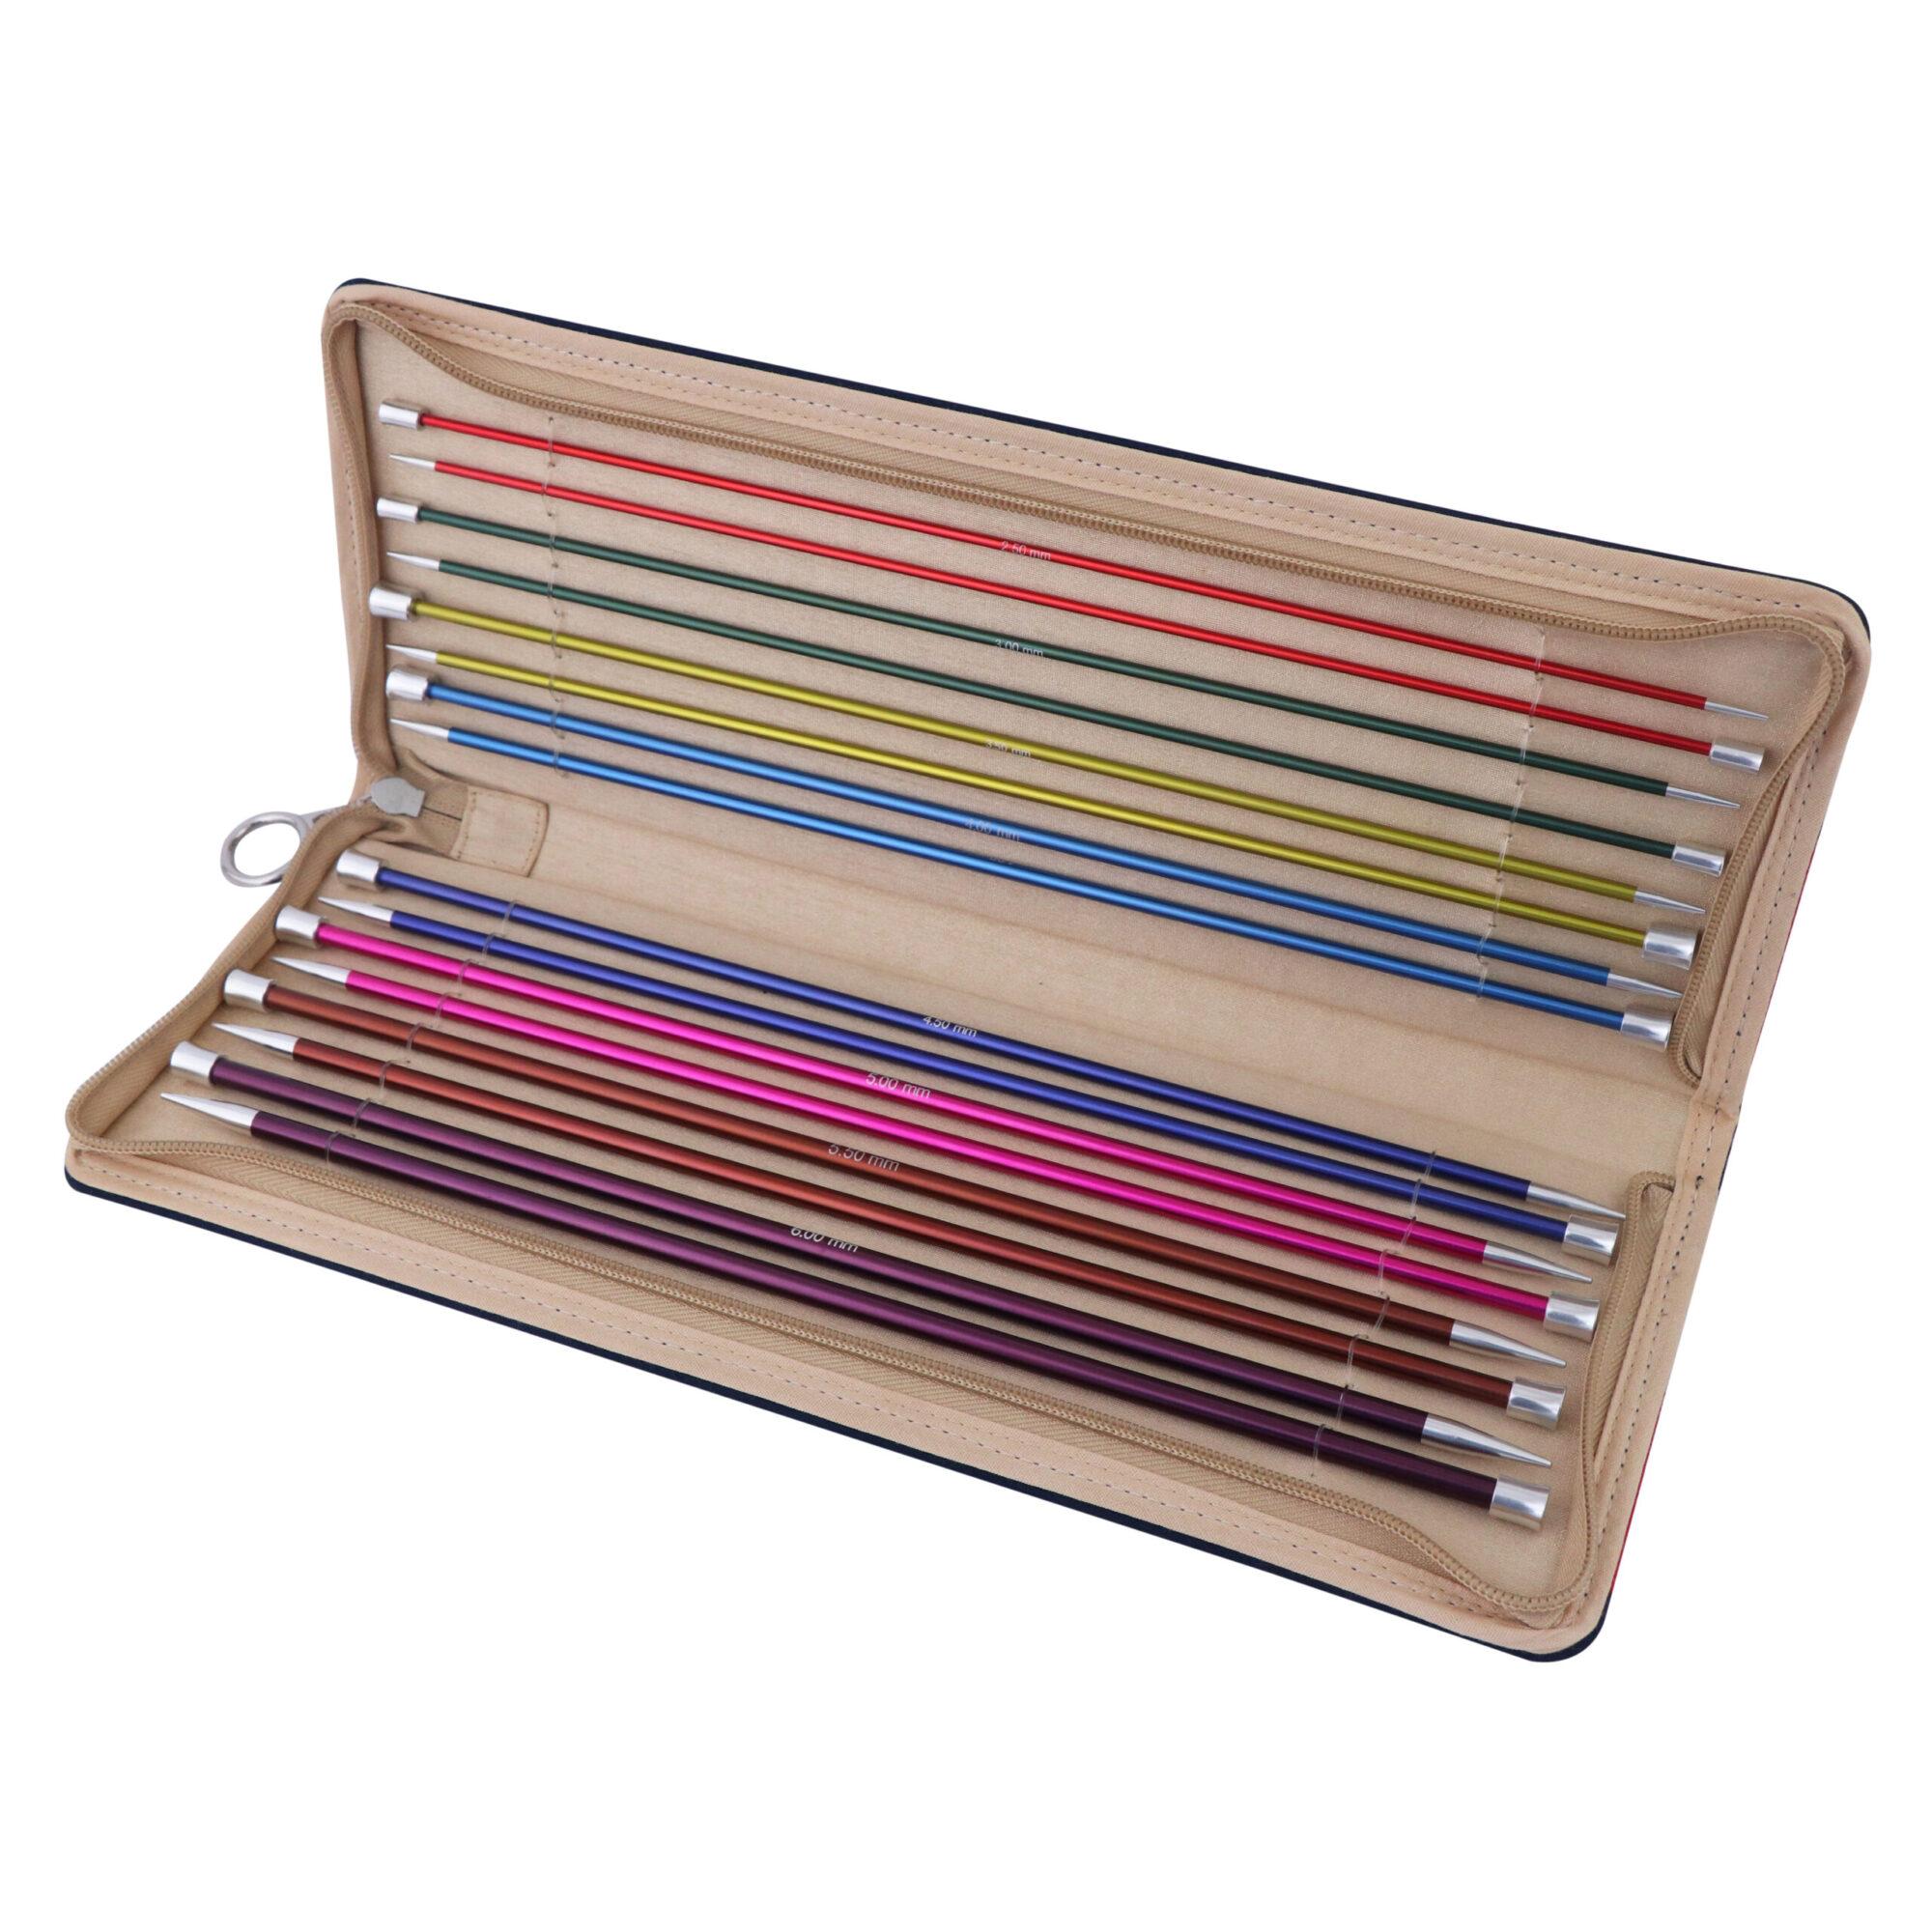 KnitPro – Zing Single Pointed Needle Set (30cm) product image